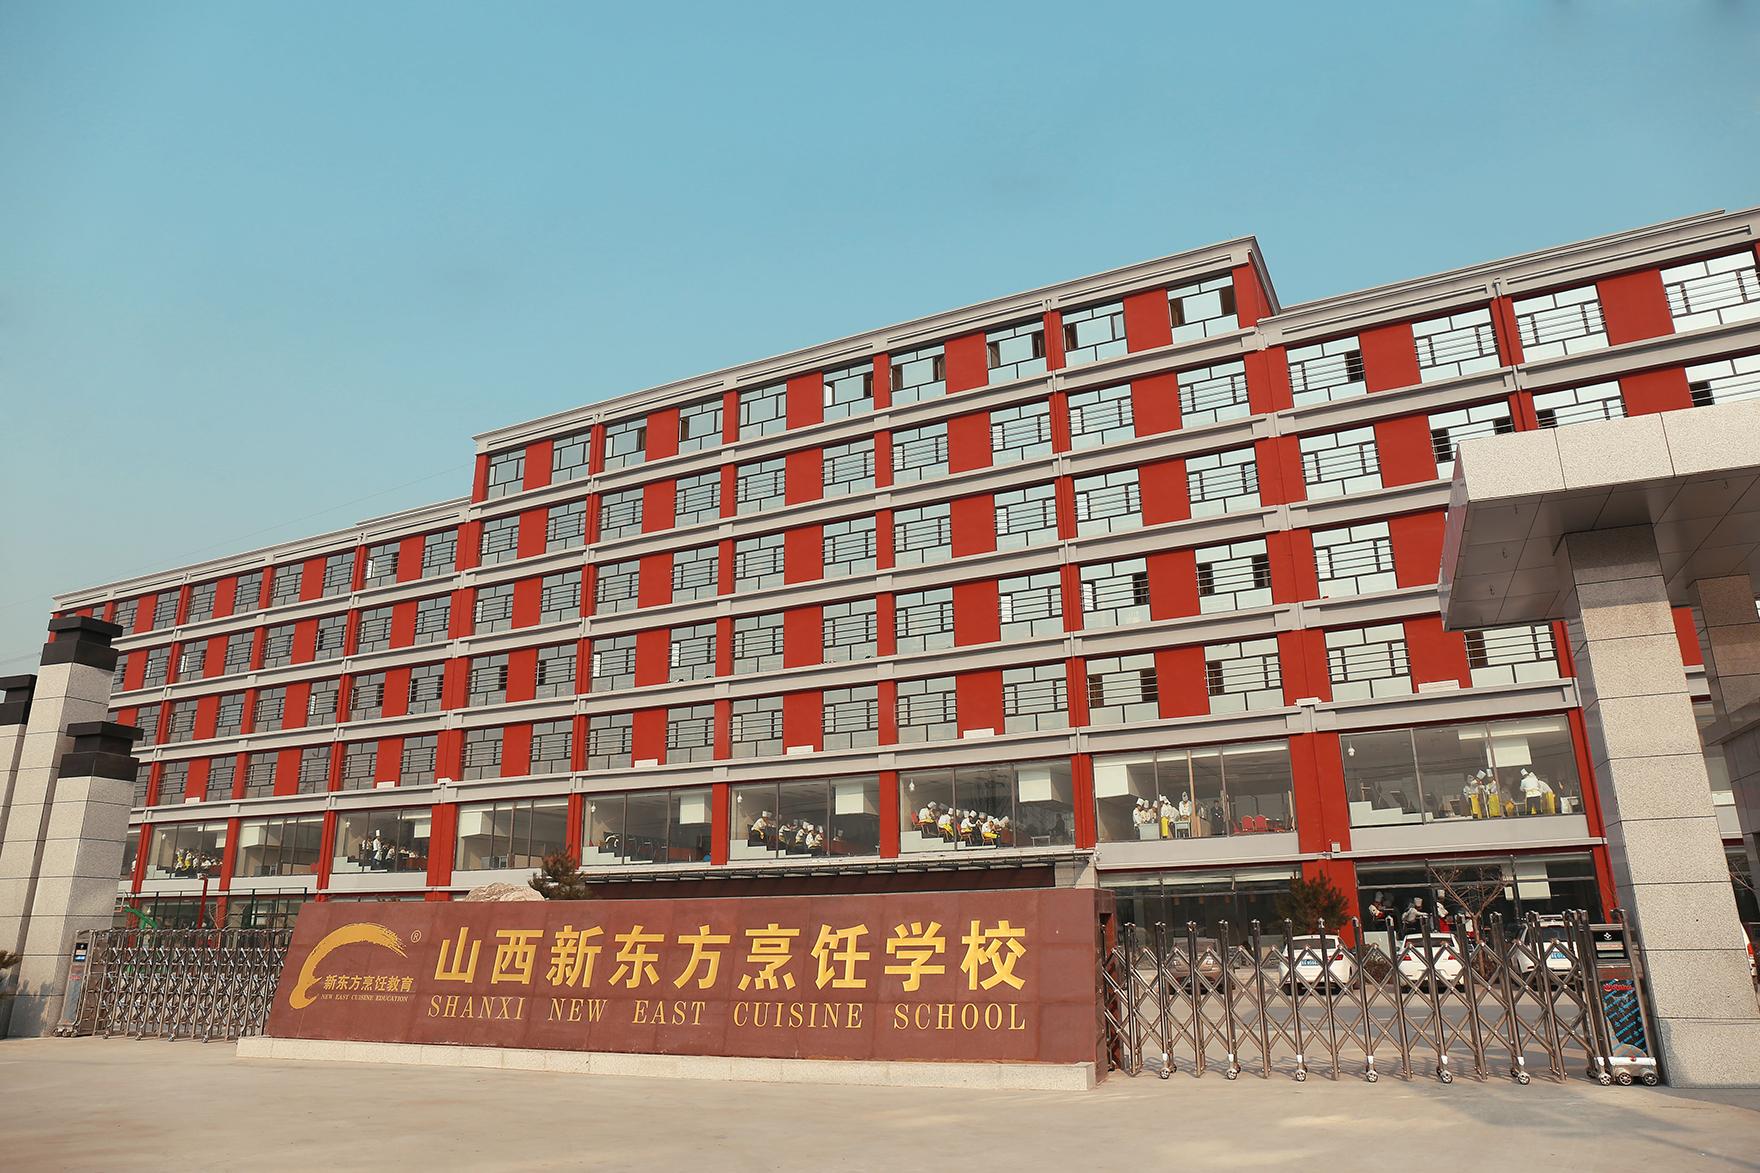 山西新东方烹饪学校小店校区